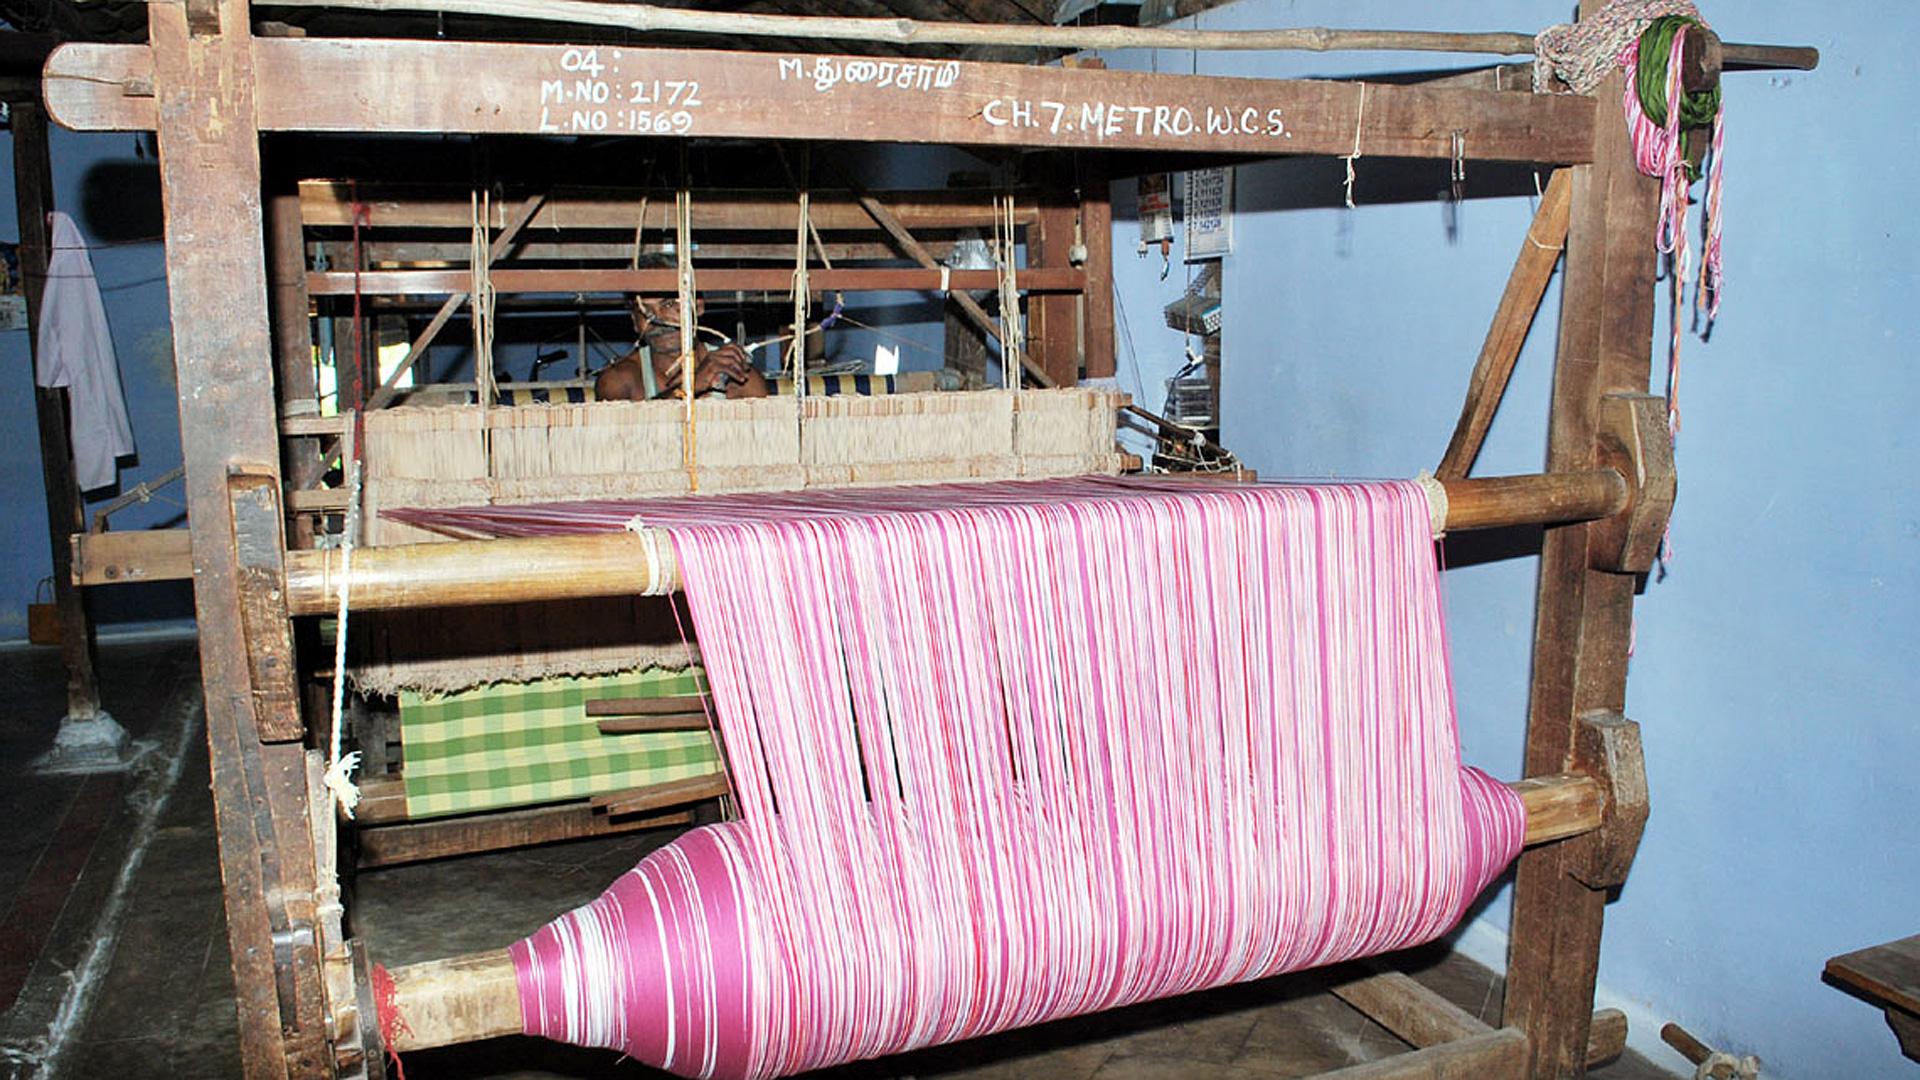 Wir beraten unsere Partner u. a. bei Qualität, Trendfarben und Design. Außerdem finanzieren wir manche Hilfsmittel, wie z. B. einen international einheitlichen Pantone-Textilfarbfächer.